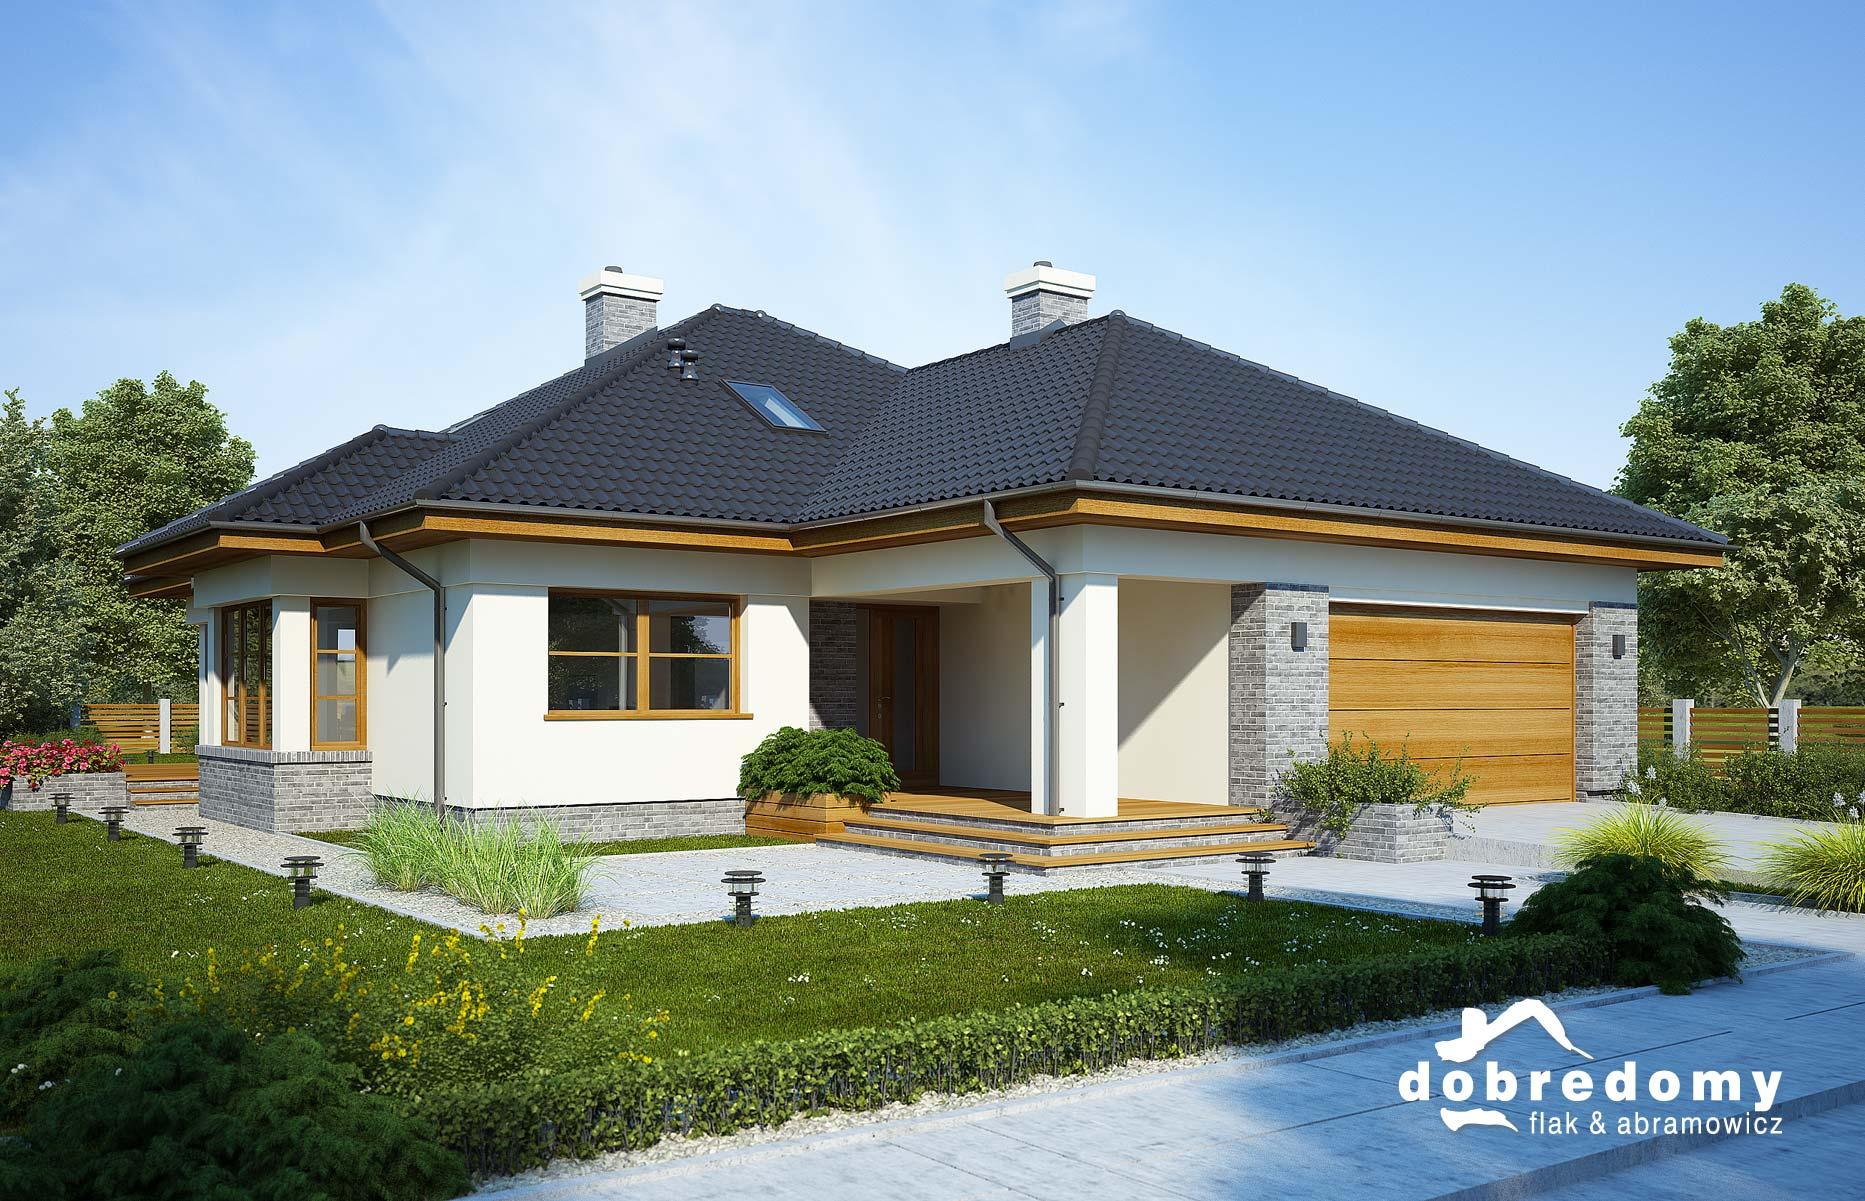 6 błędów, których należy unikać w trakcie wylewania betonu i układania podłogi